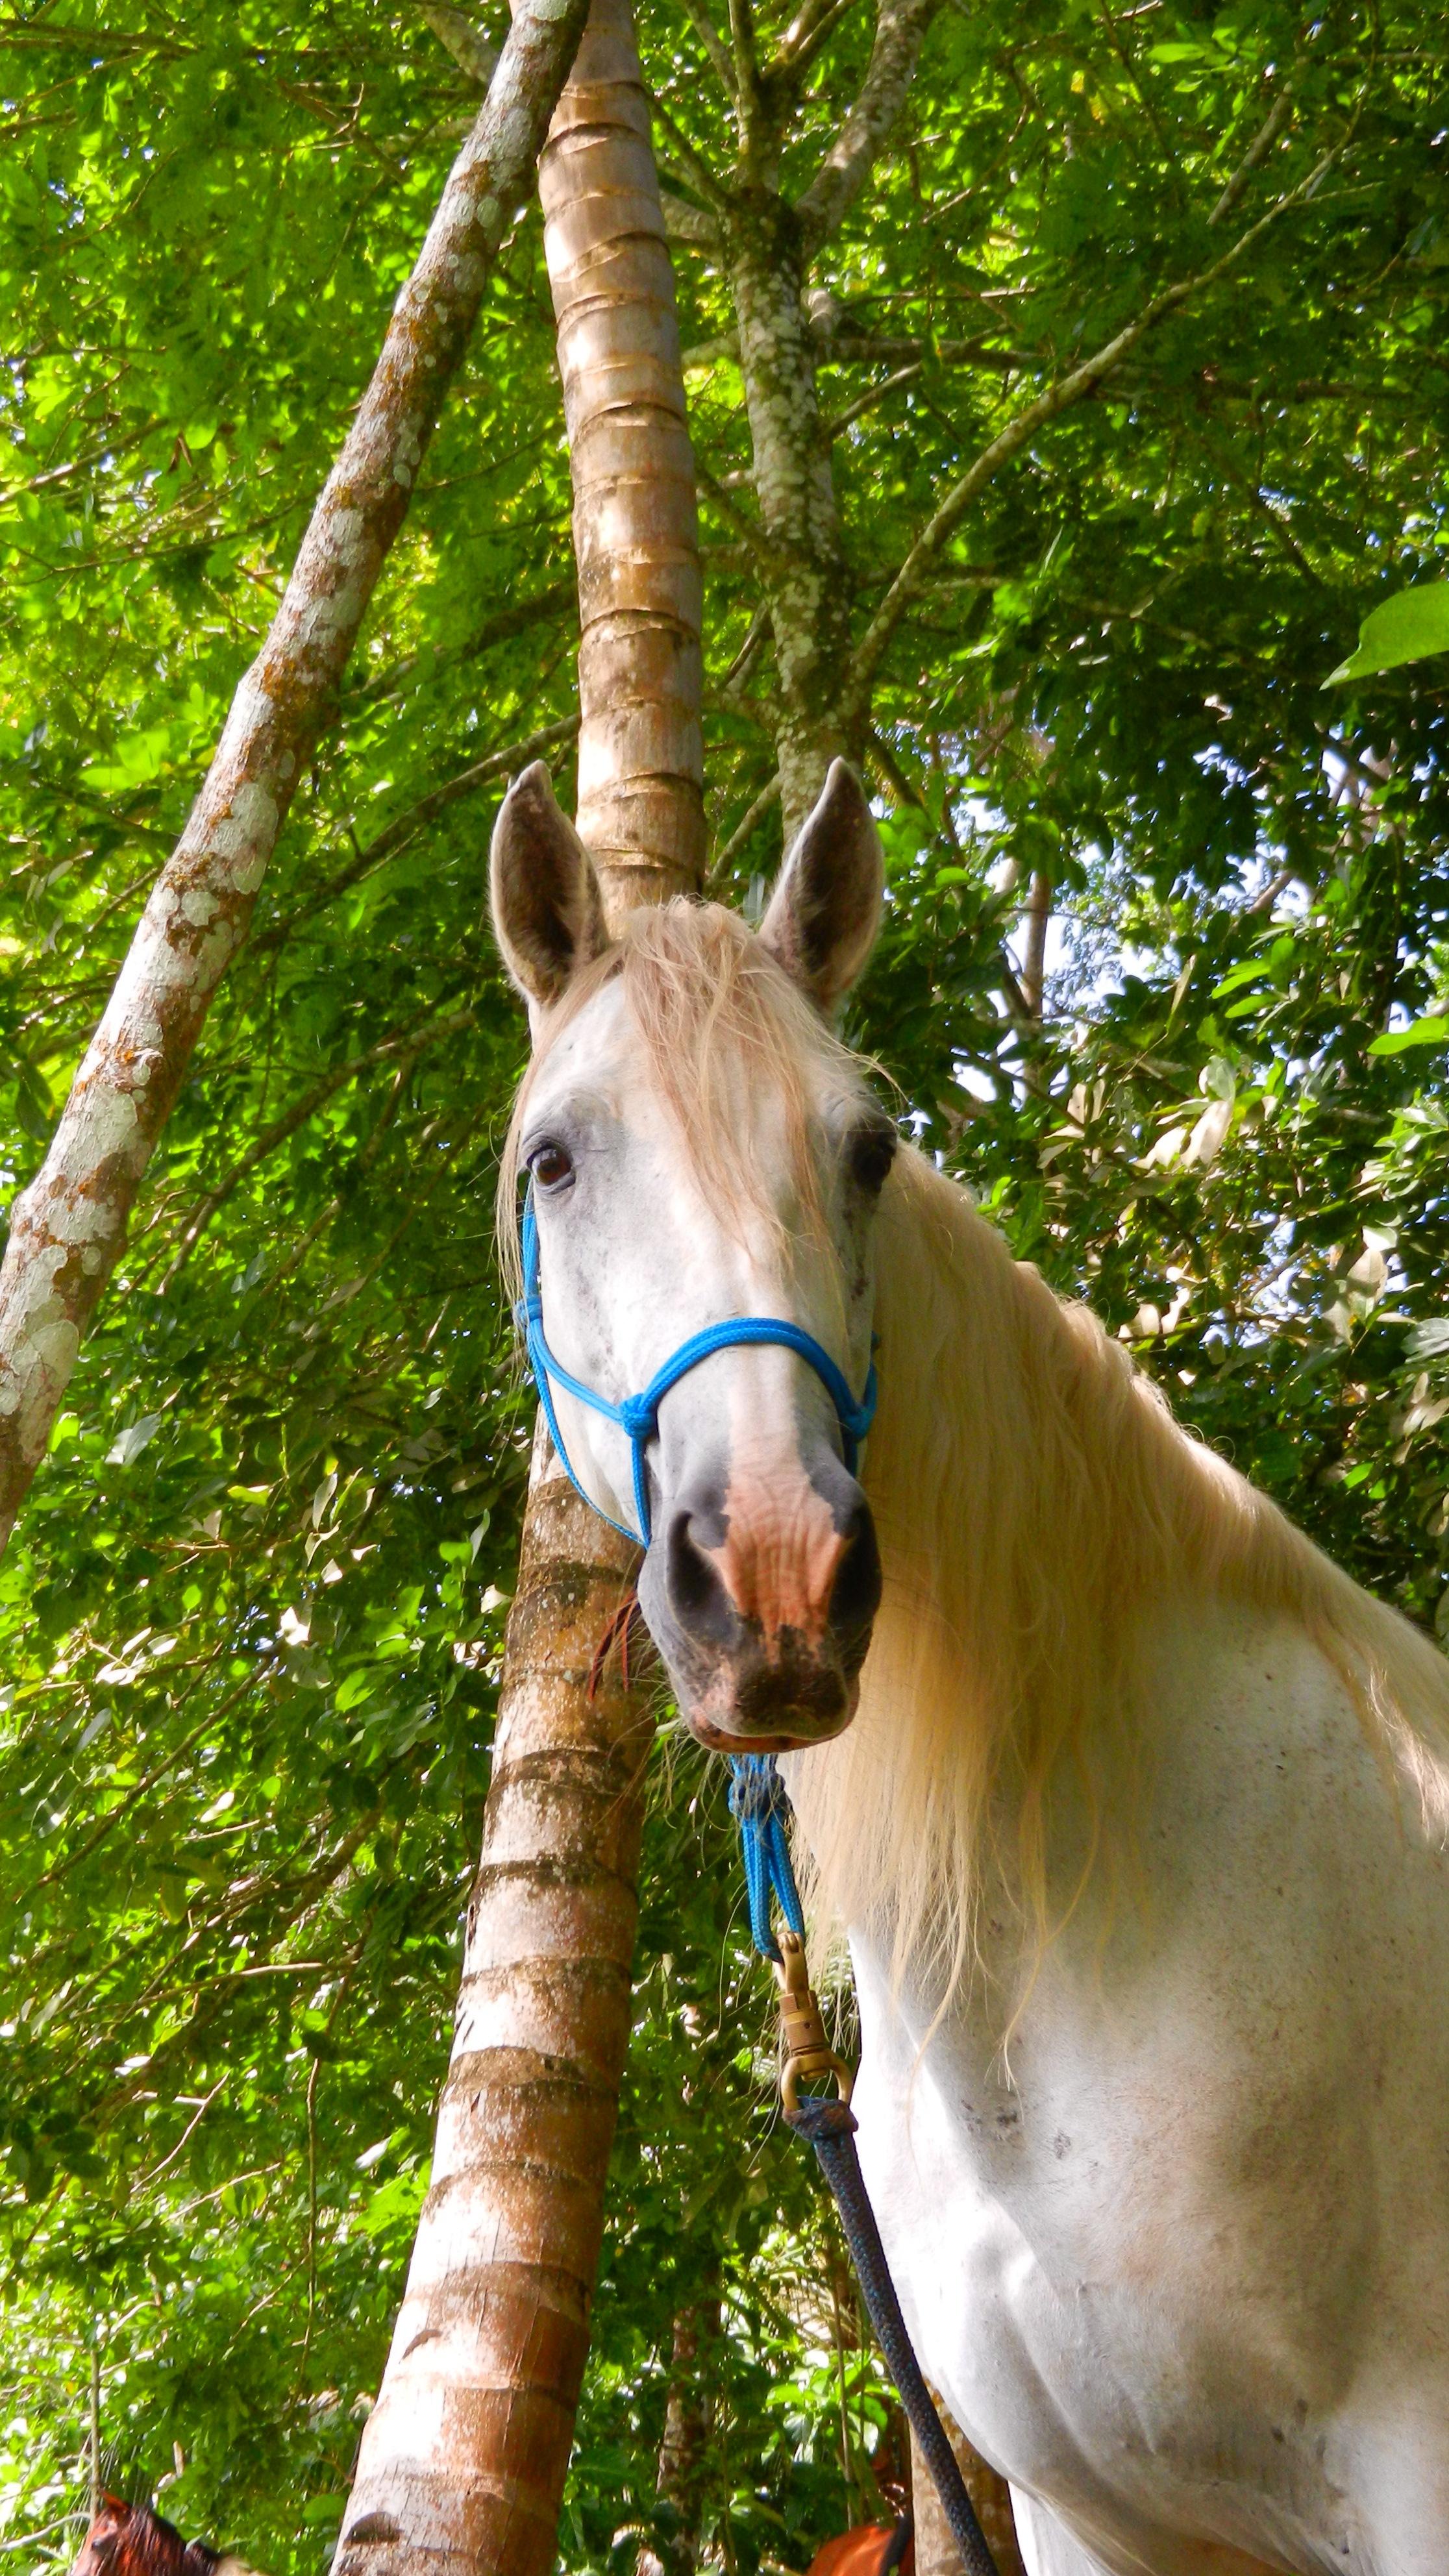 Paso Peruvian horse in Costa Rica